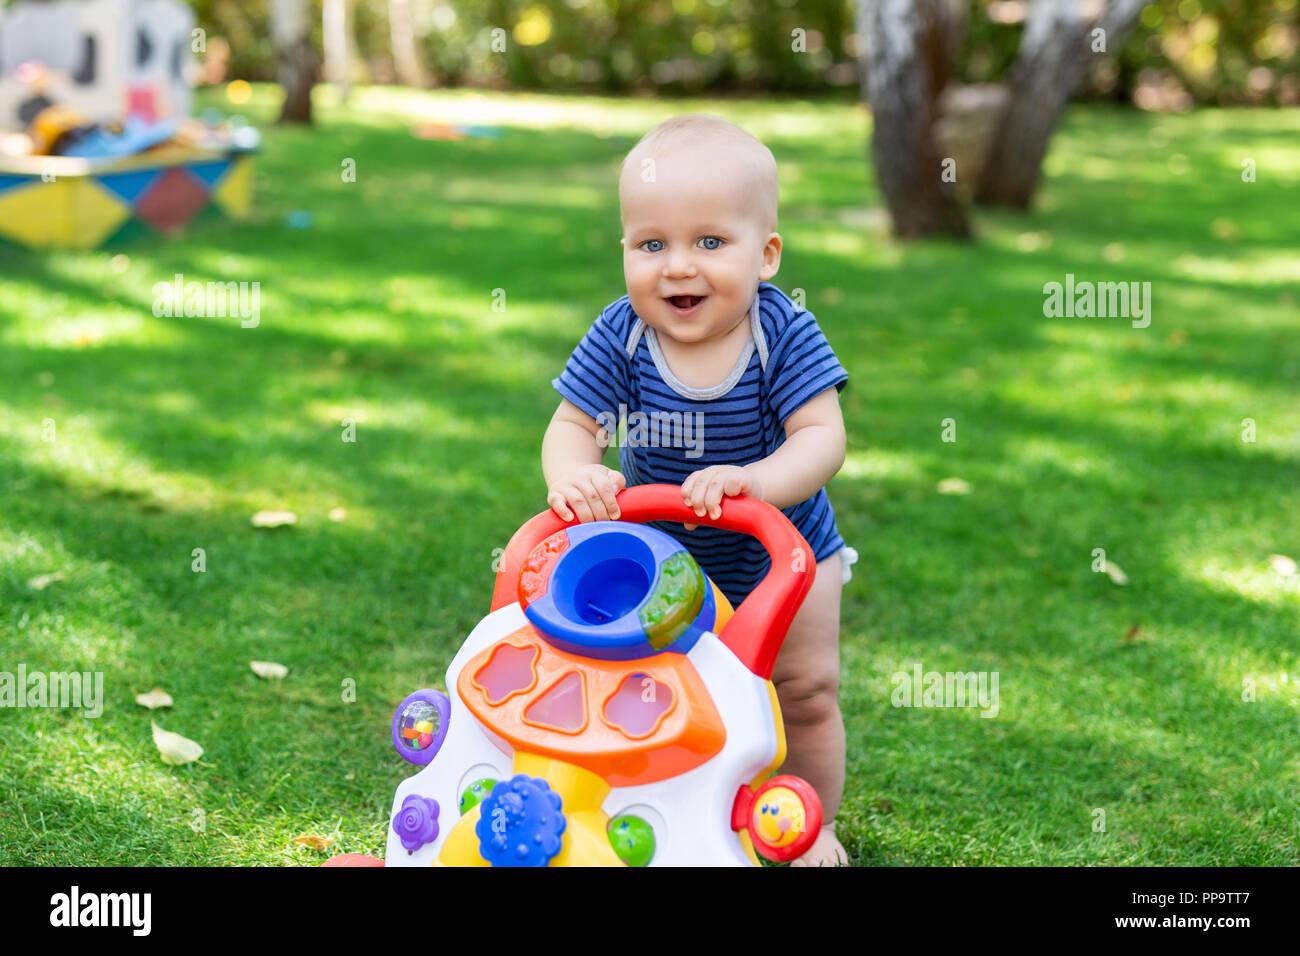 Cute little boy l'apprentissage de la marche avec walker toy sur l'herbe verte pelouse à l'arrière-cour. Bébé rire et s'amuser en première étape au parc sur journée ensoleillée à l'extérieur. Enfance heureuse concept Photo Stock